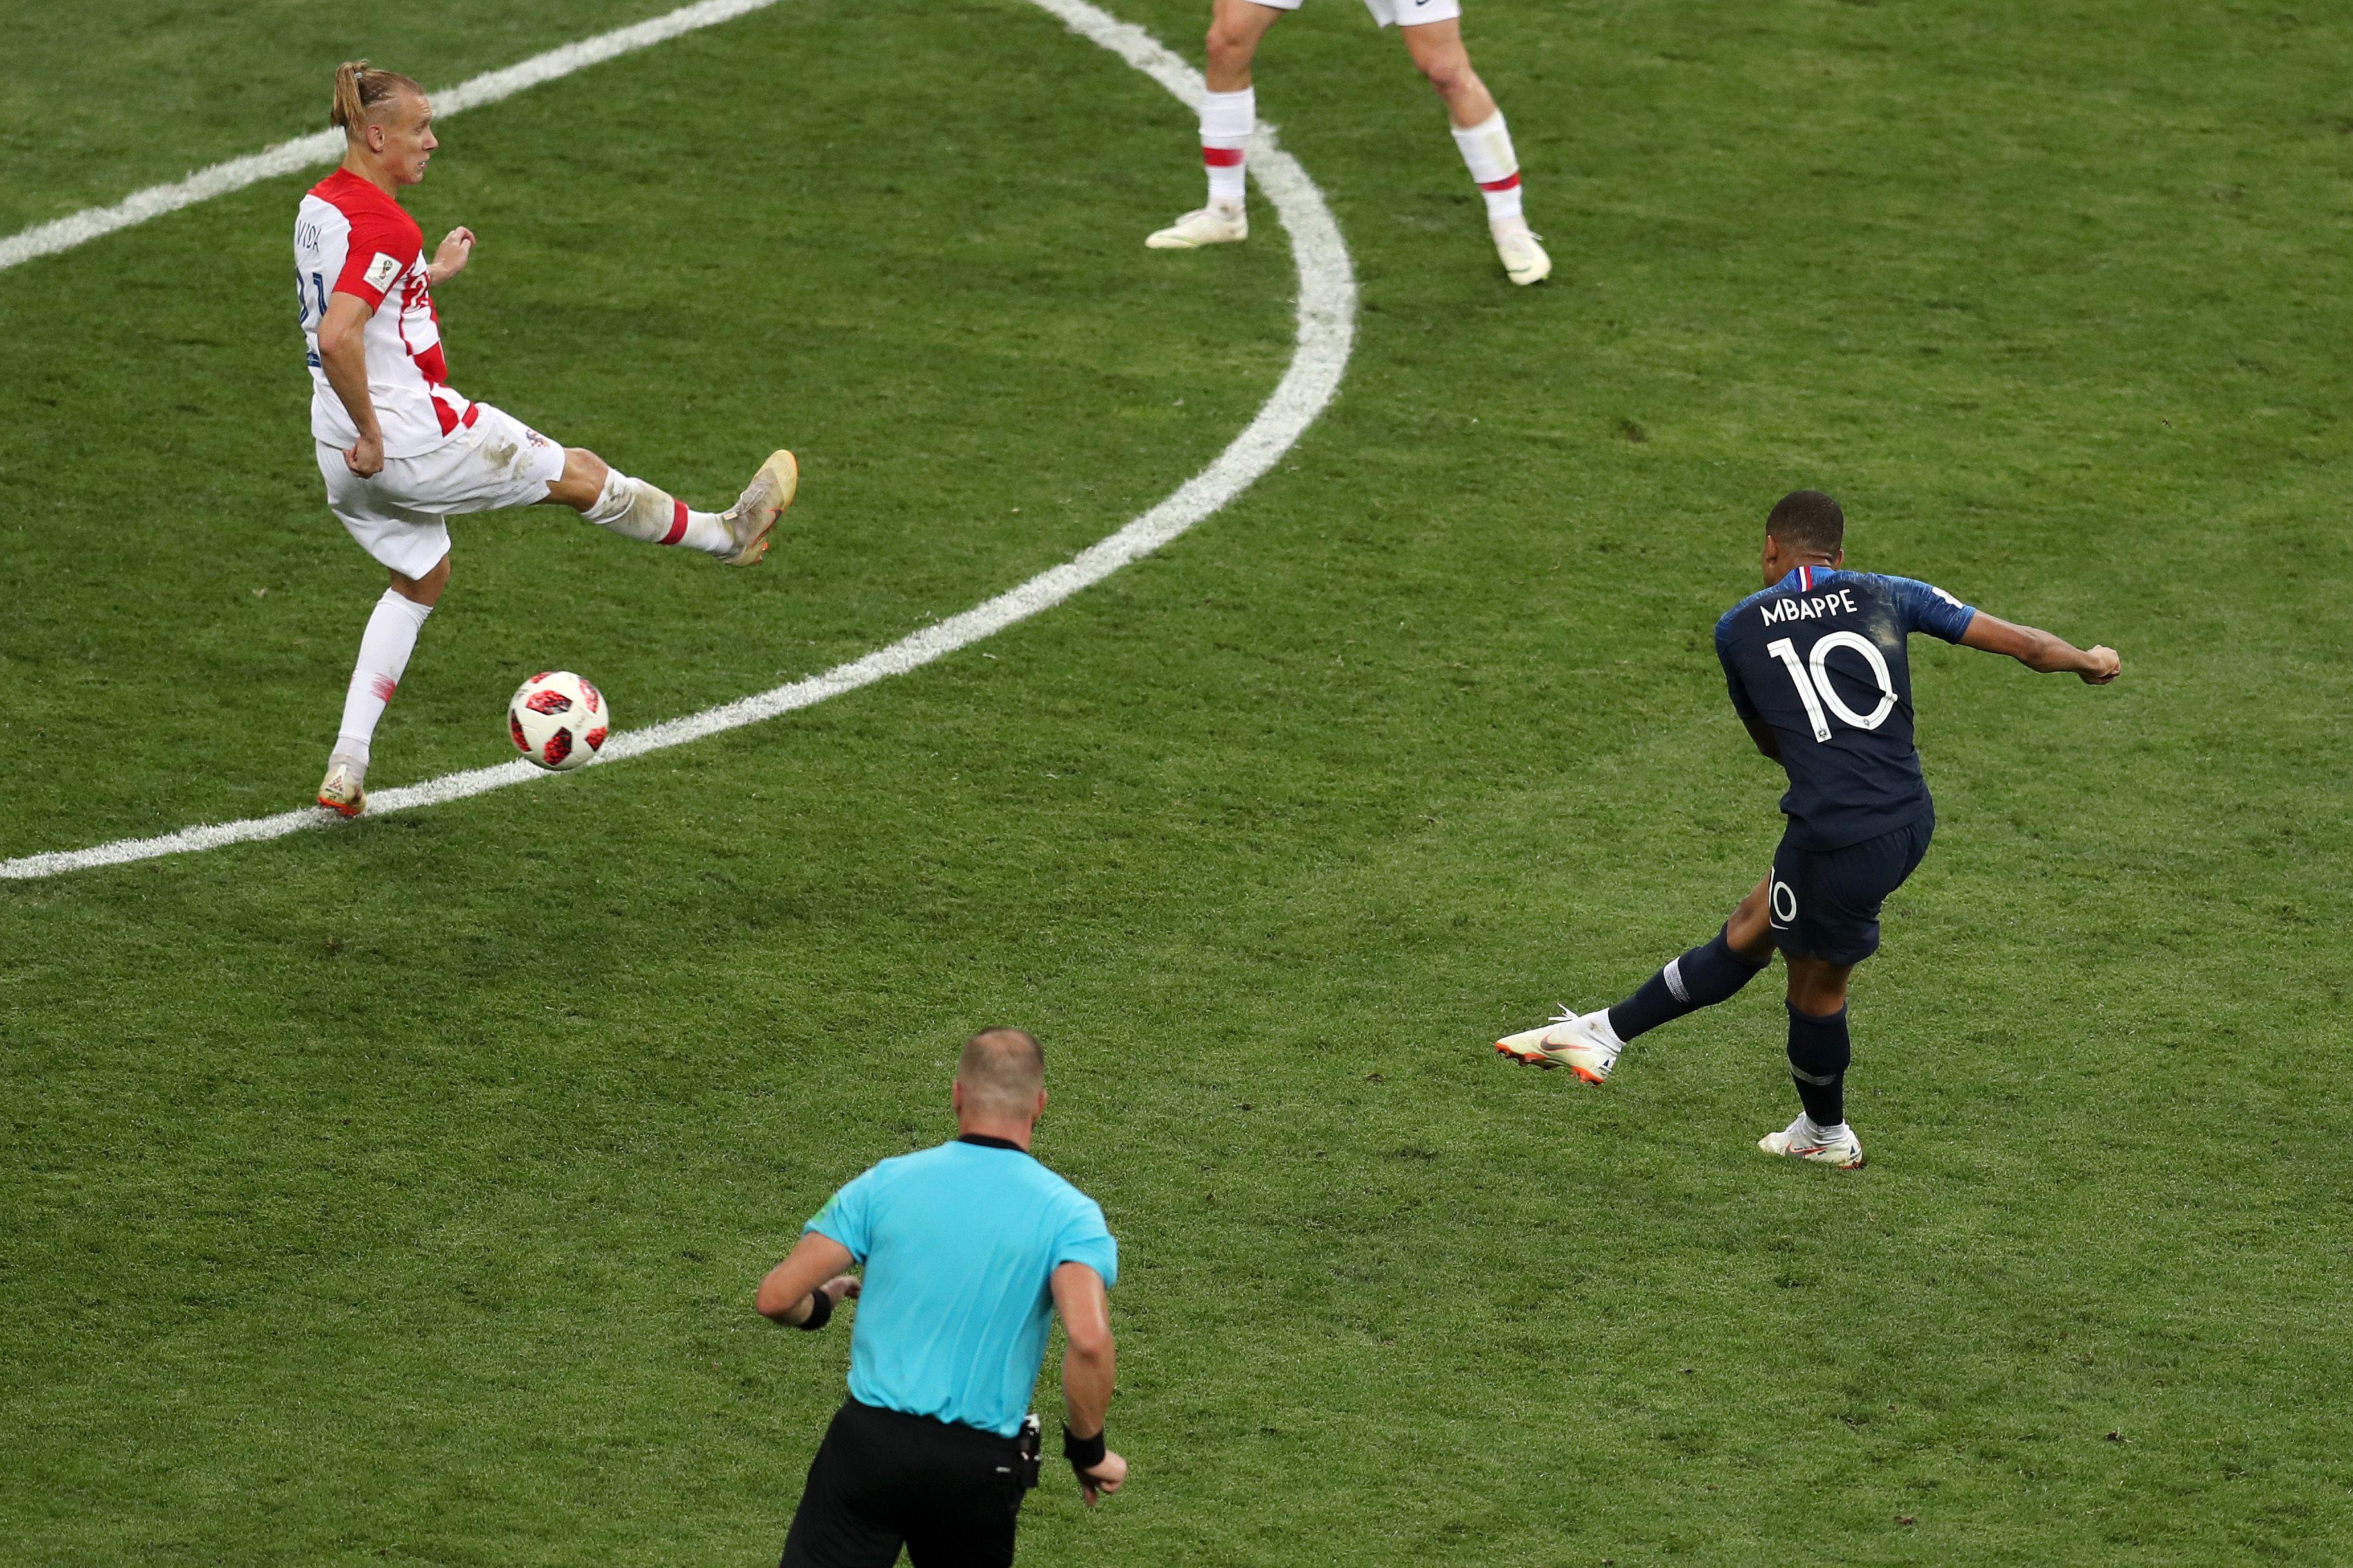 Coupe du Monde de la FIFA, Russie 2018™ Matches France